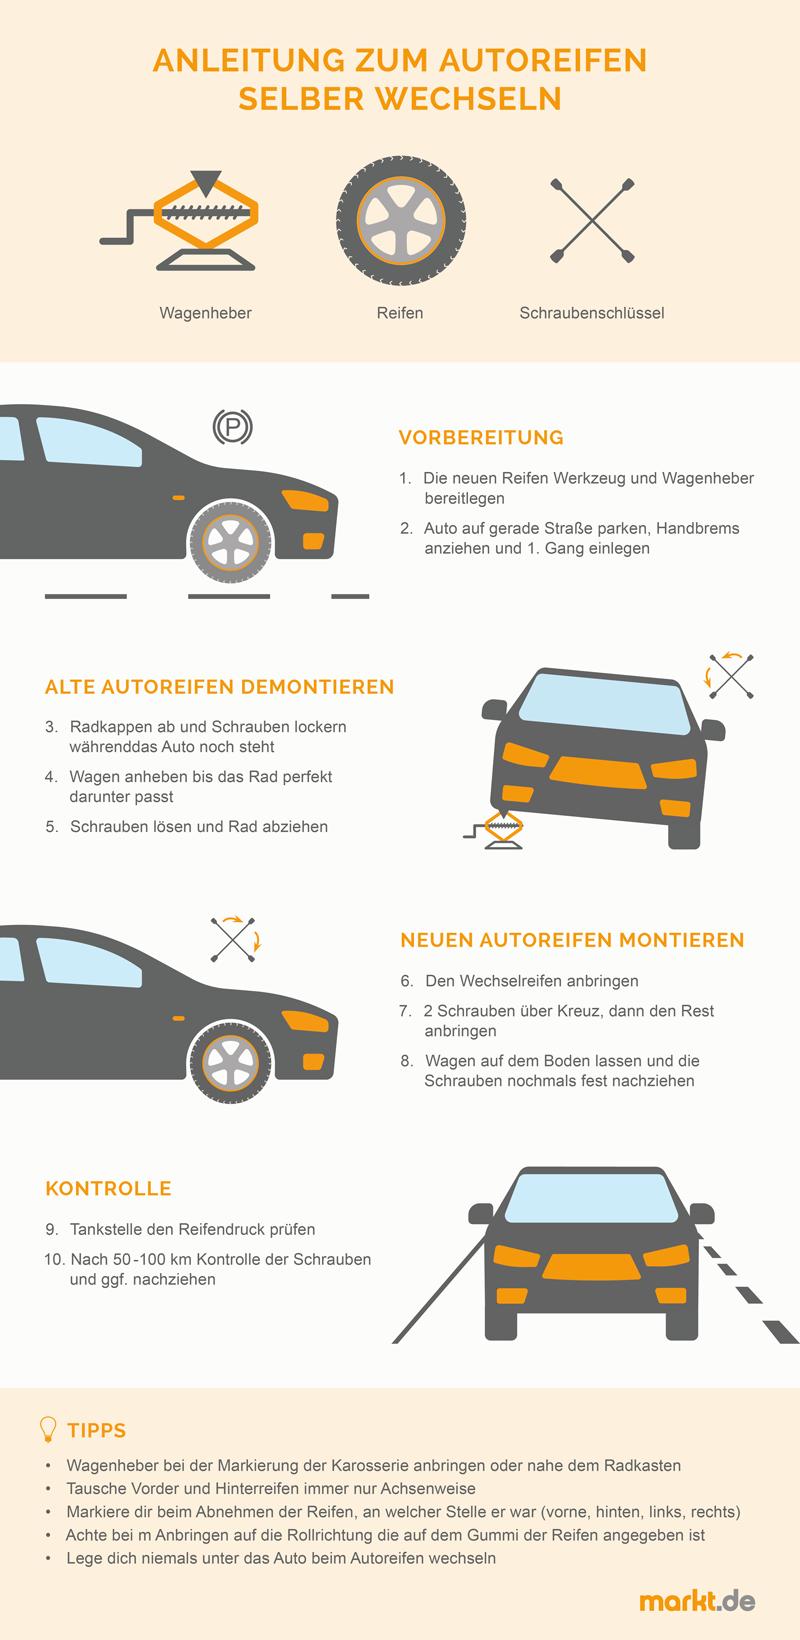 Anleitung Zum Autoreifenwechsel